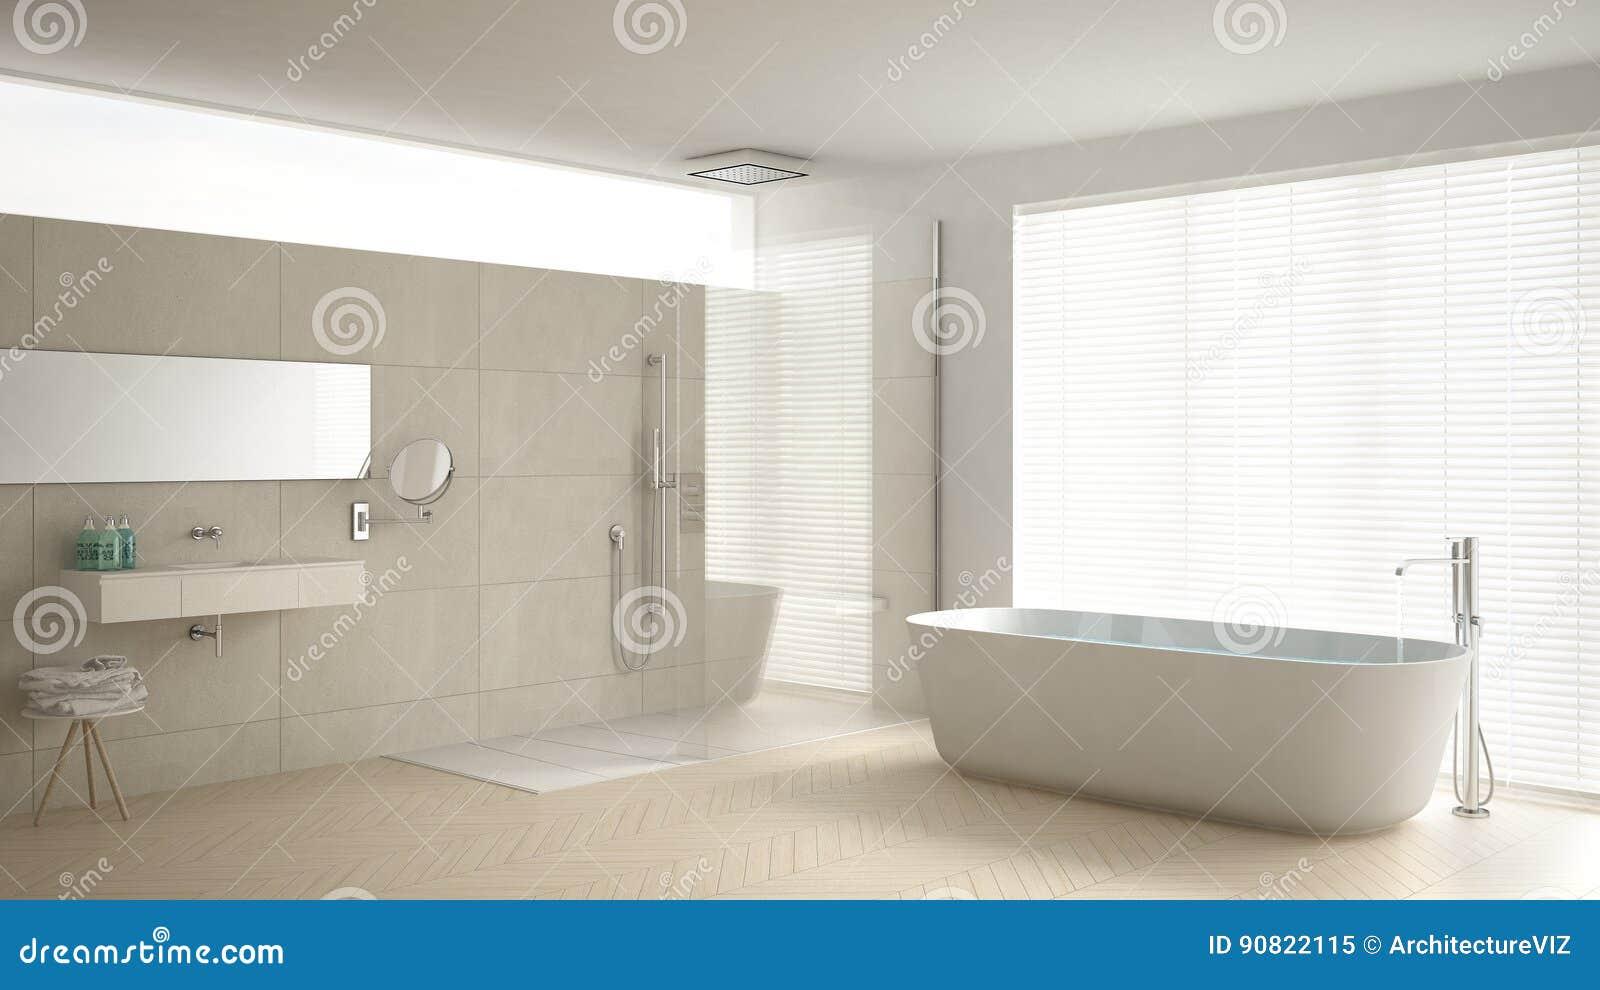 Unbedeutendes Badezimmer Mit Badewanne Und Dusche, Parkettboden Und ...